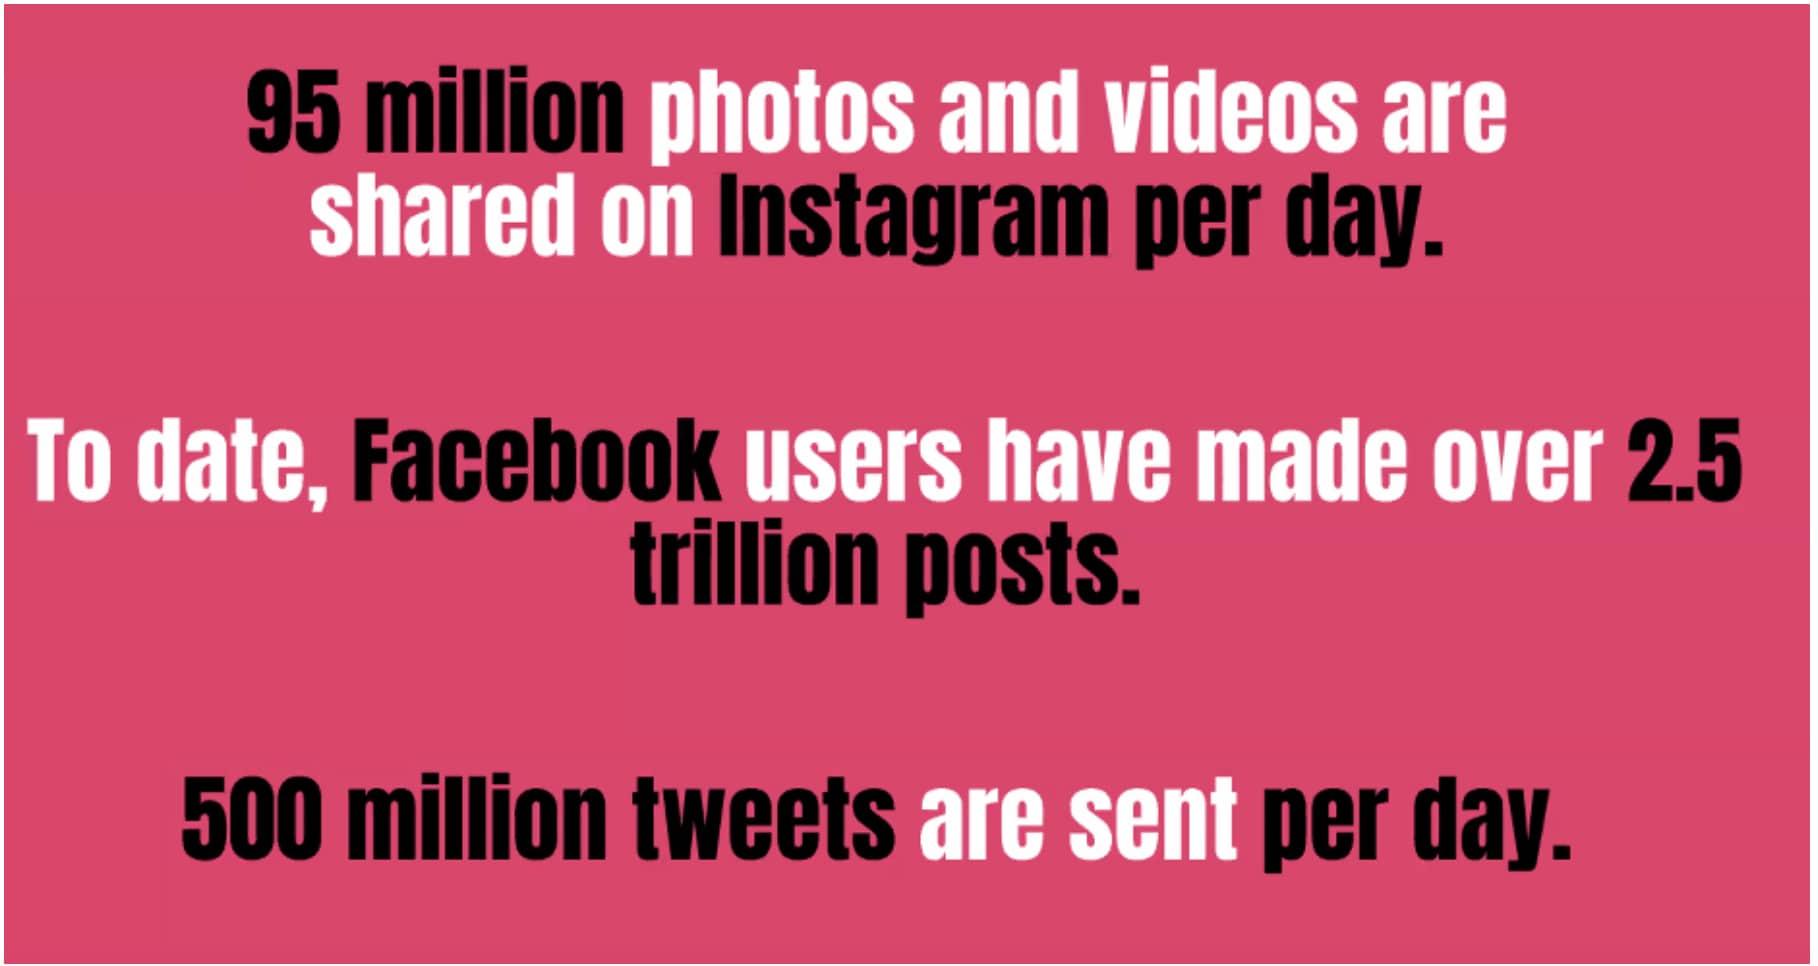 Social sharing stats